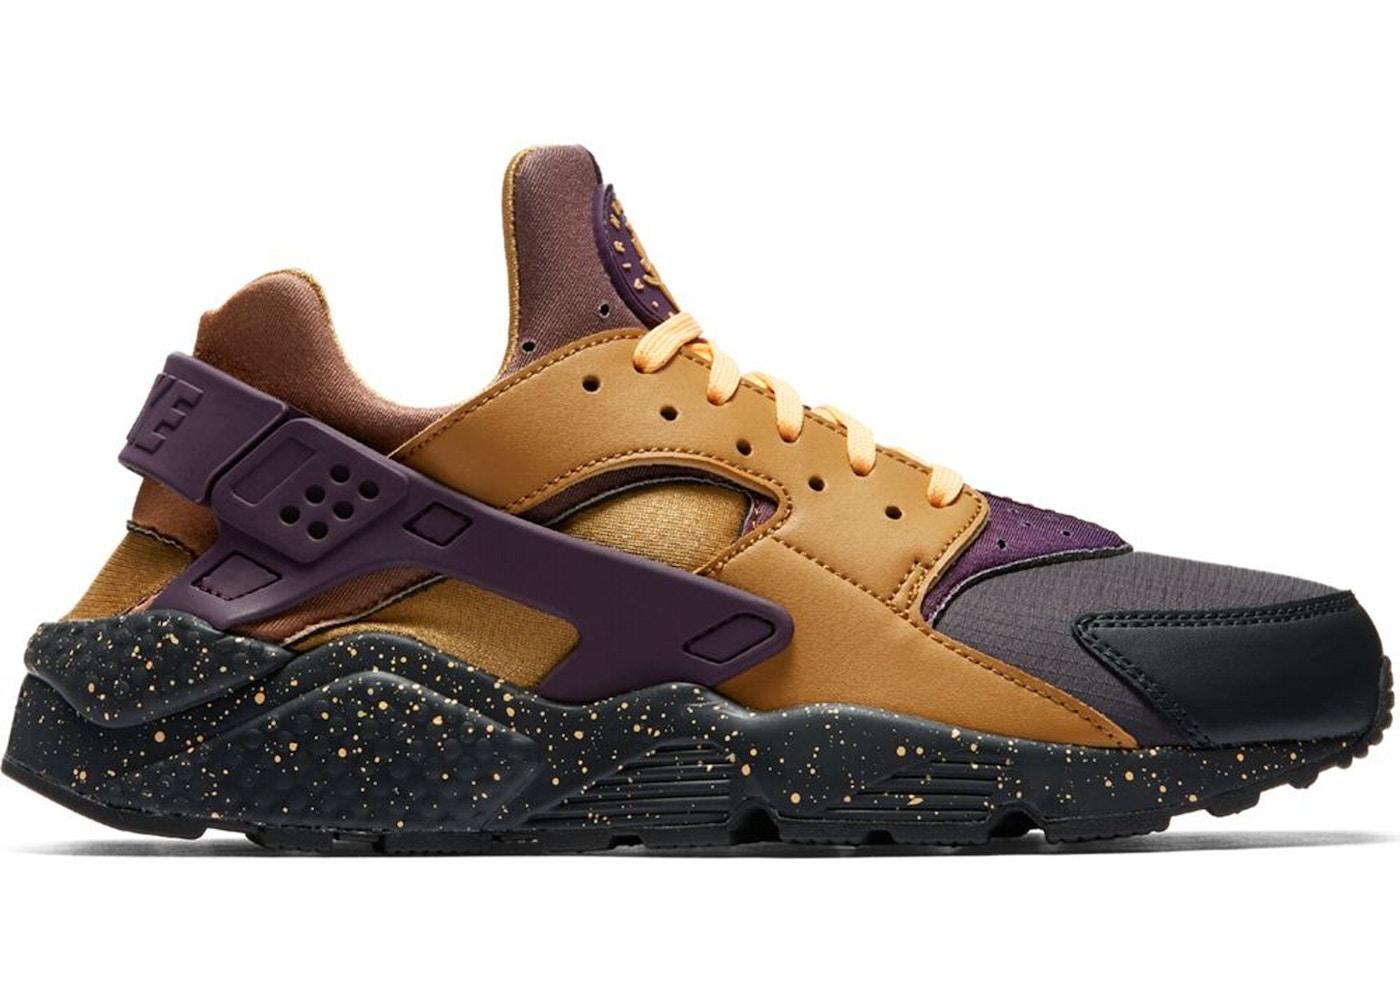 81505b276452 Air Huarache Run Pro Purple Elemental Gold - 704830-012